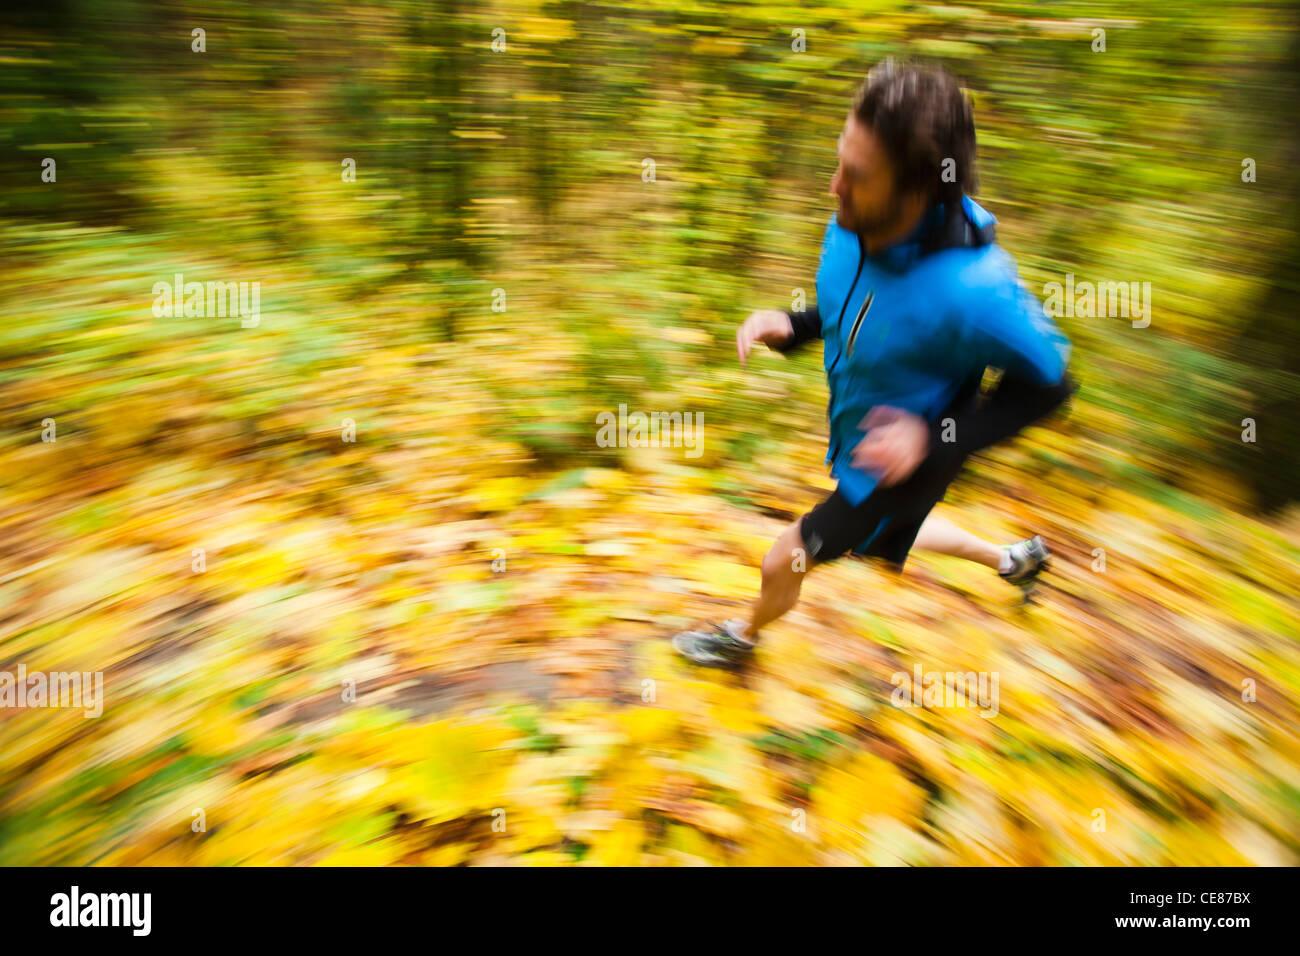 77c29299ac7 Einem hohen Winkel schwenken Blick auf einen Mann Trailrunning in  Herbstfarben.